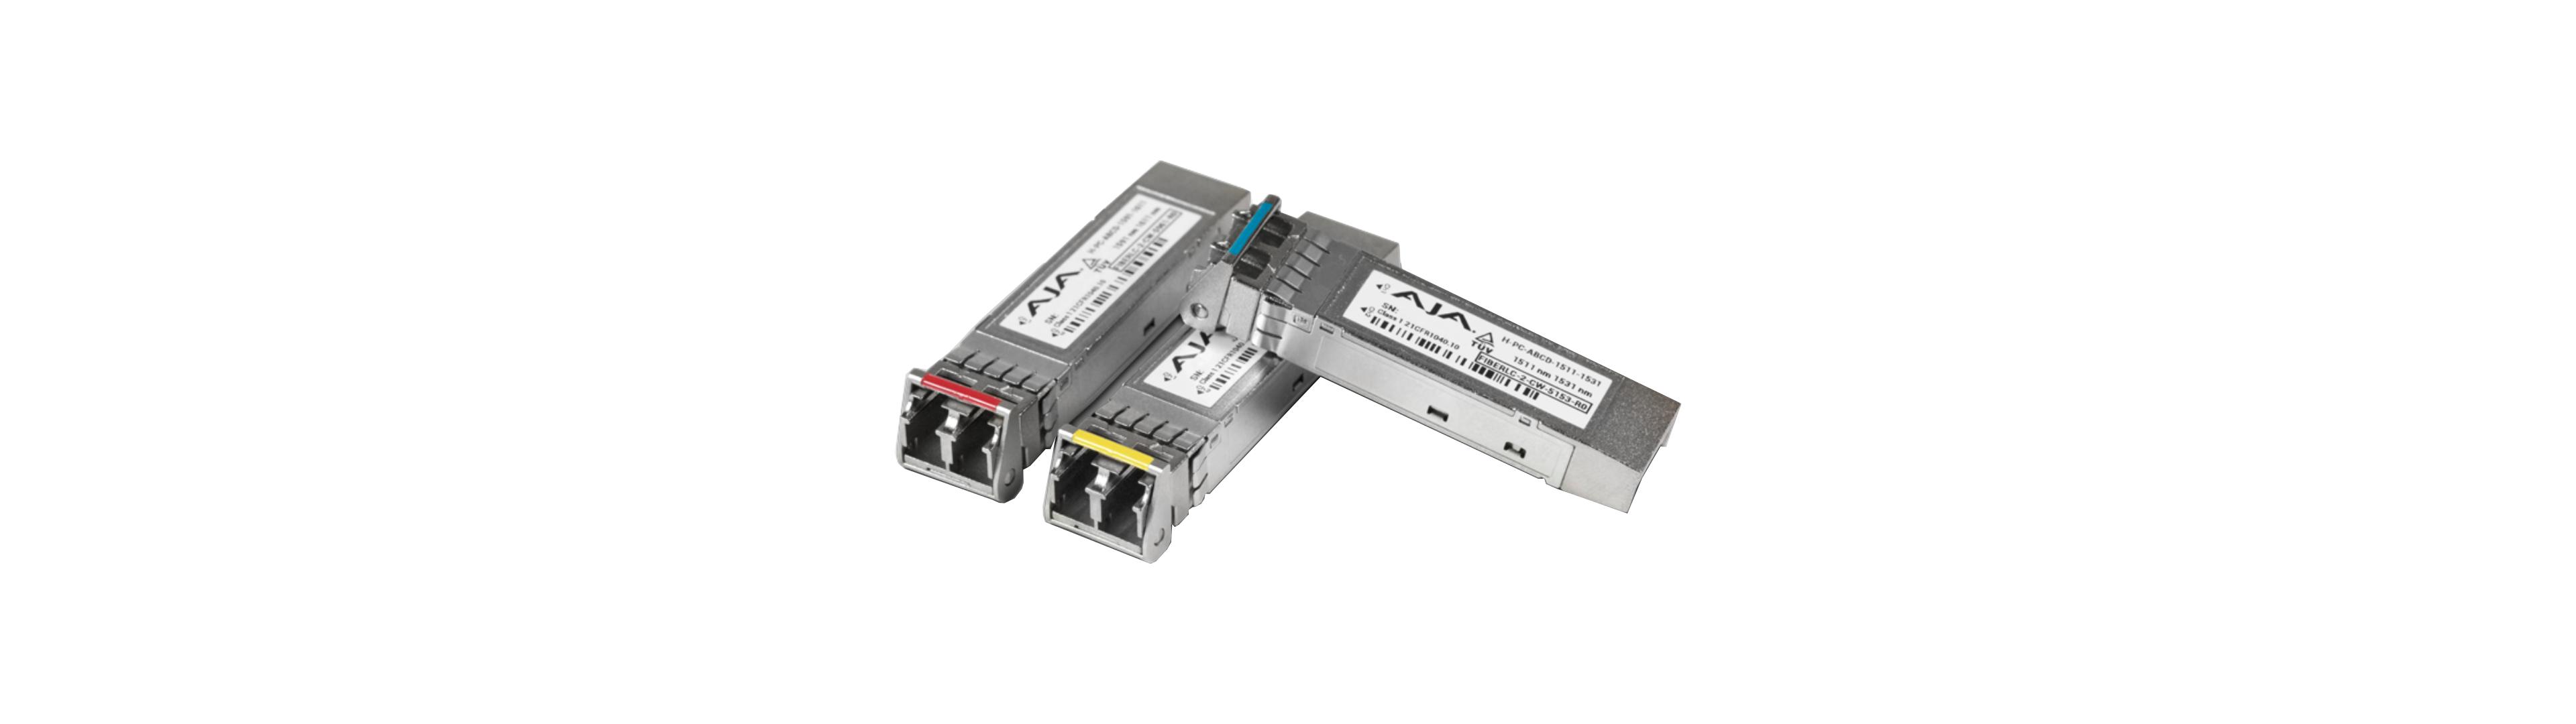 Dual TX 1471/1491 SDI Fiber